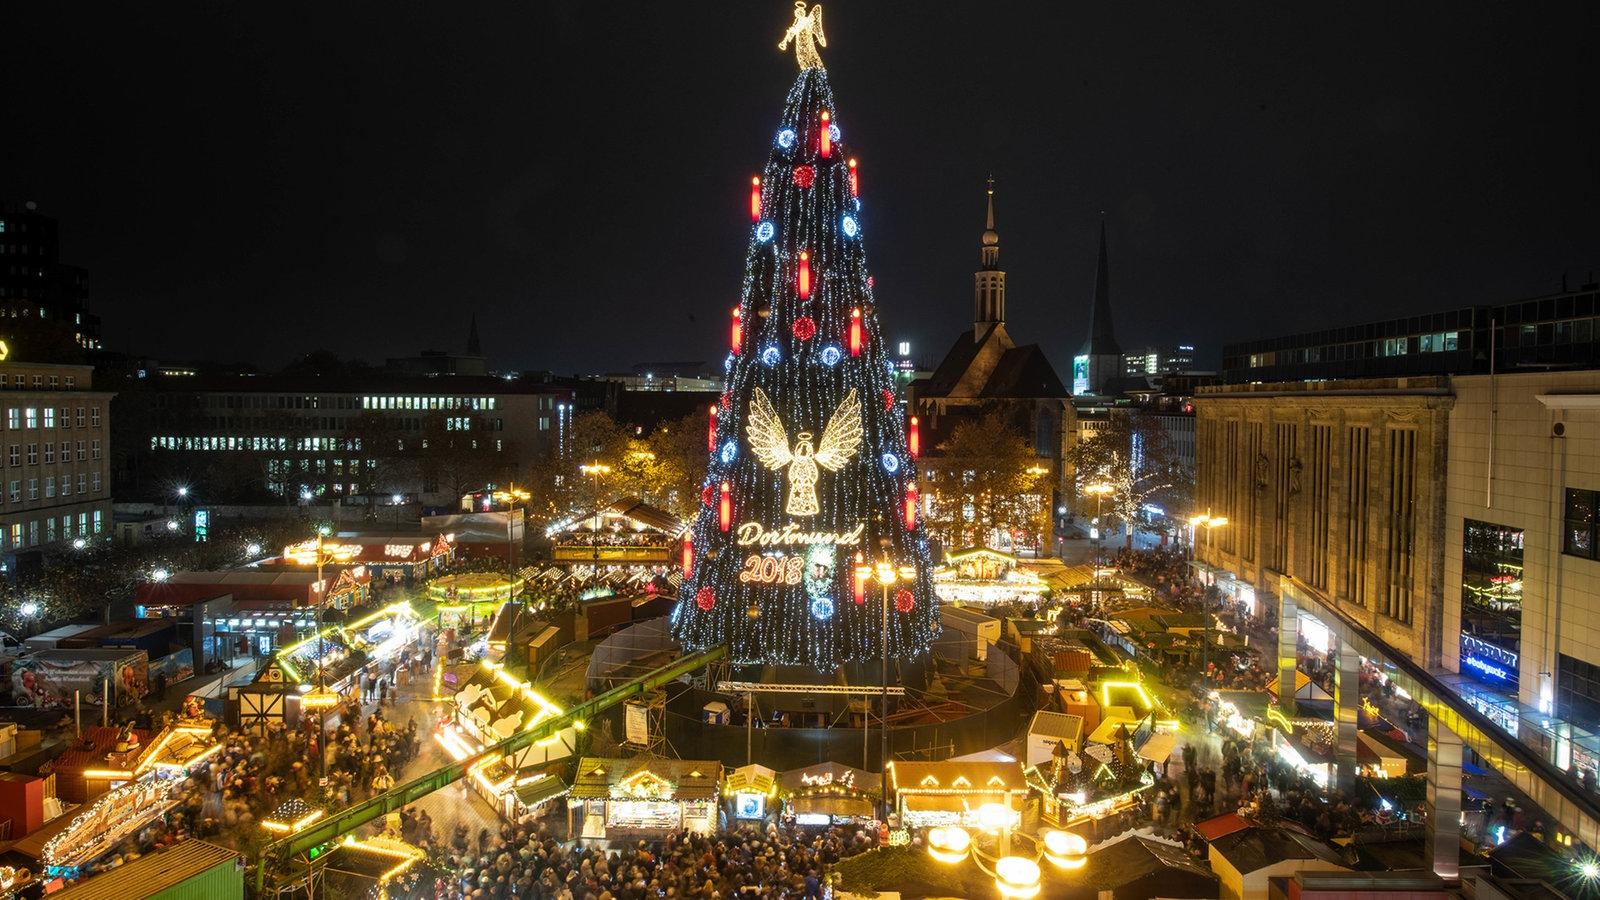 Weihnachtsmarkt Nach Weihnachten Noch Geöffnet Nrw.Diese Weihnachtsmärkte In Nrw Sind Noch Offen Nachrichten Wdr